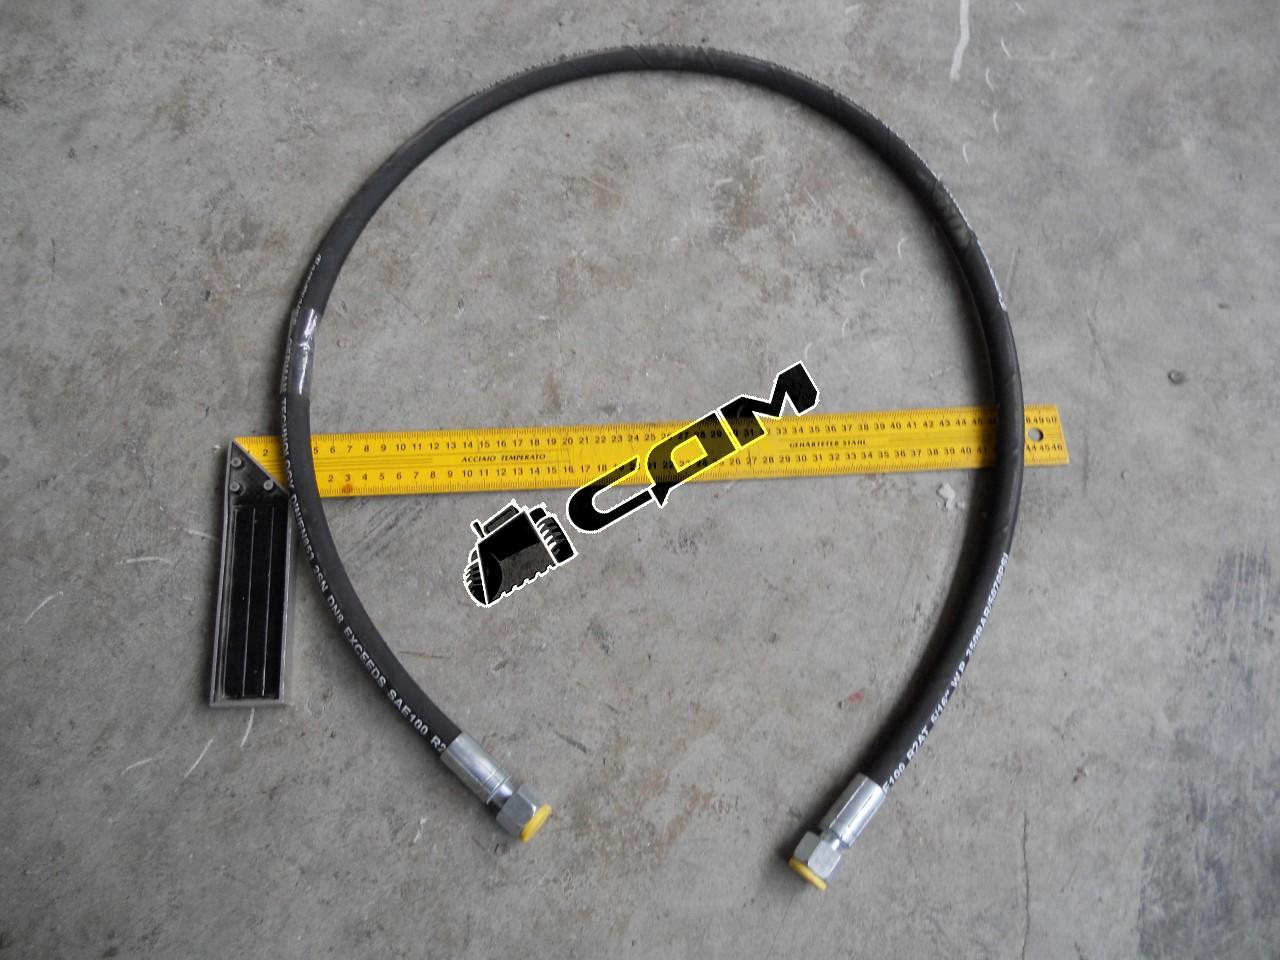 РВД 1300/Г22/Г22 CDM855